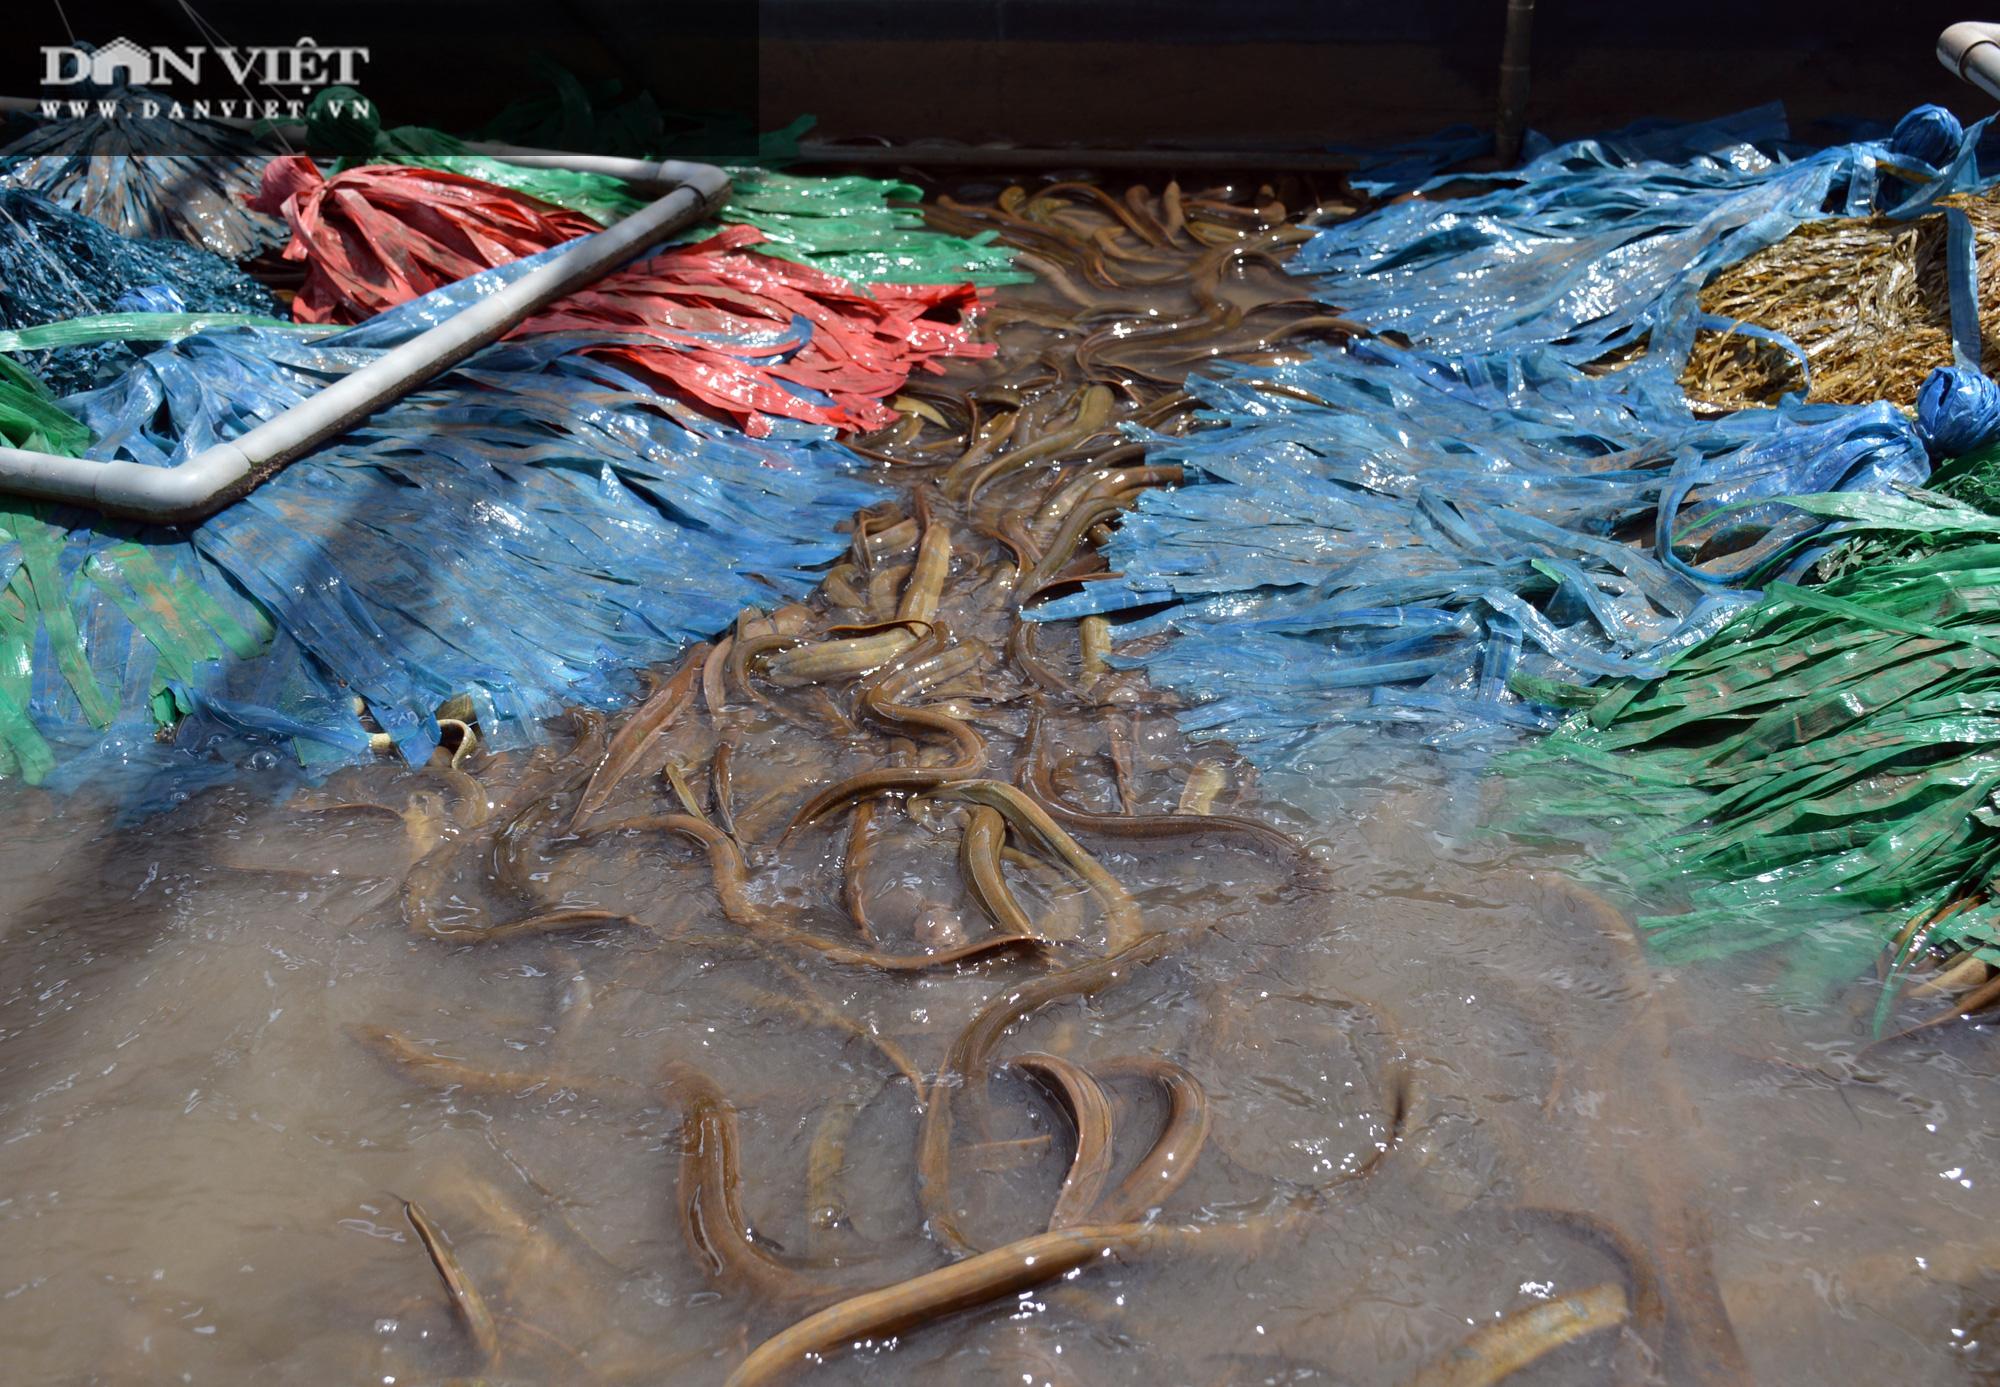 Chàng tỷ phú nông dân nuôi lươn không bùn công nghệ cao, thu lãi 40-50%/vụ - Ảnh 7.